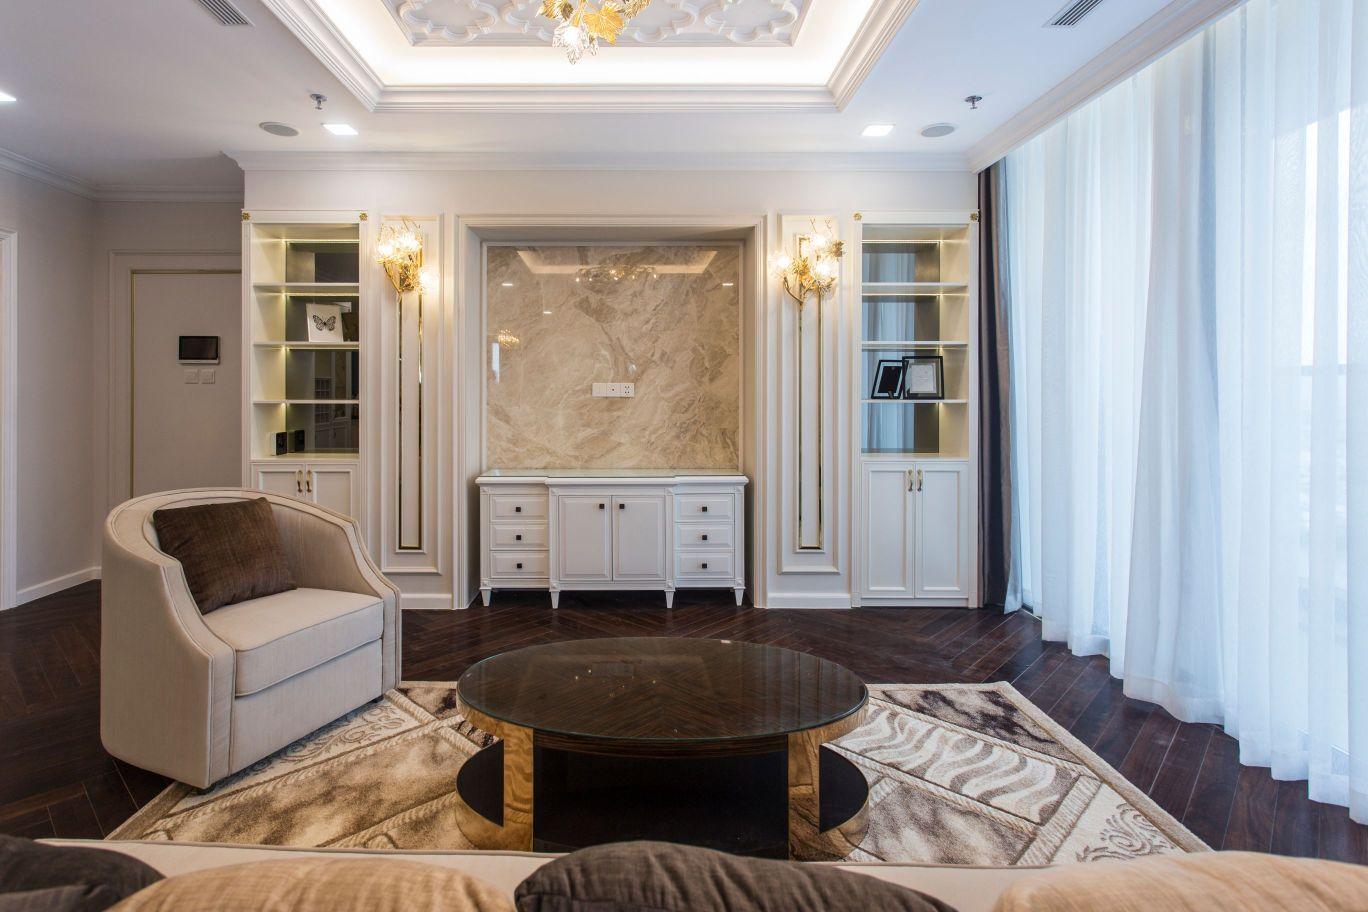 thiết kế thi công nội thất đẹp - phòng khách 3